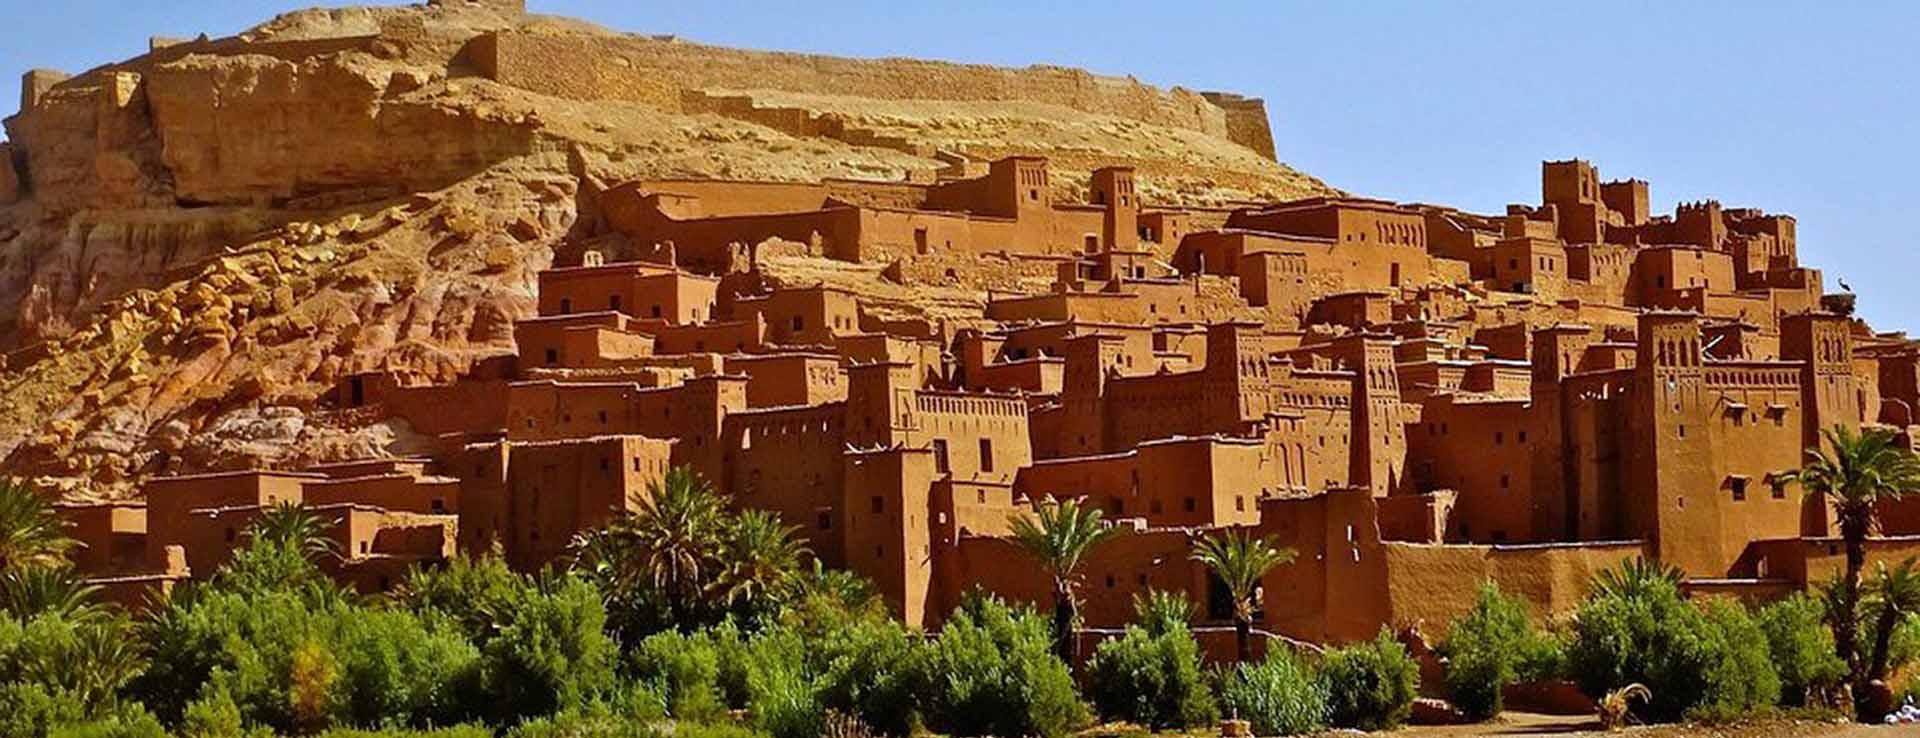 Ait Benhaddou Ouarzazate Day Trip - Day Excursion from